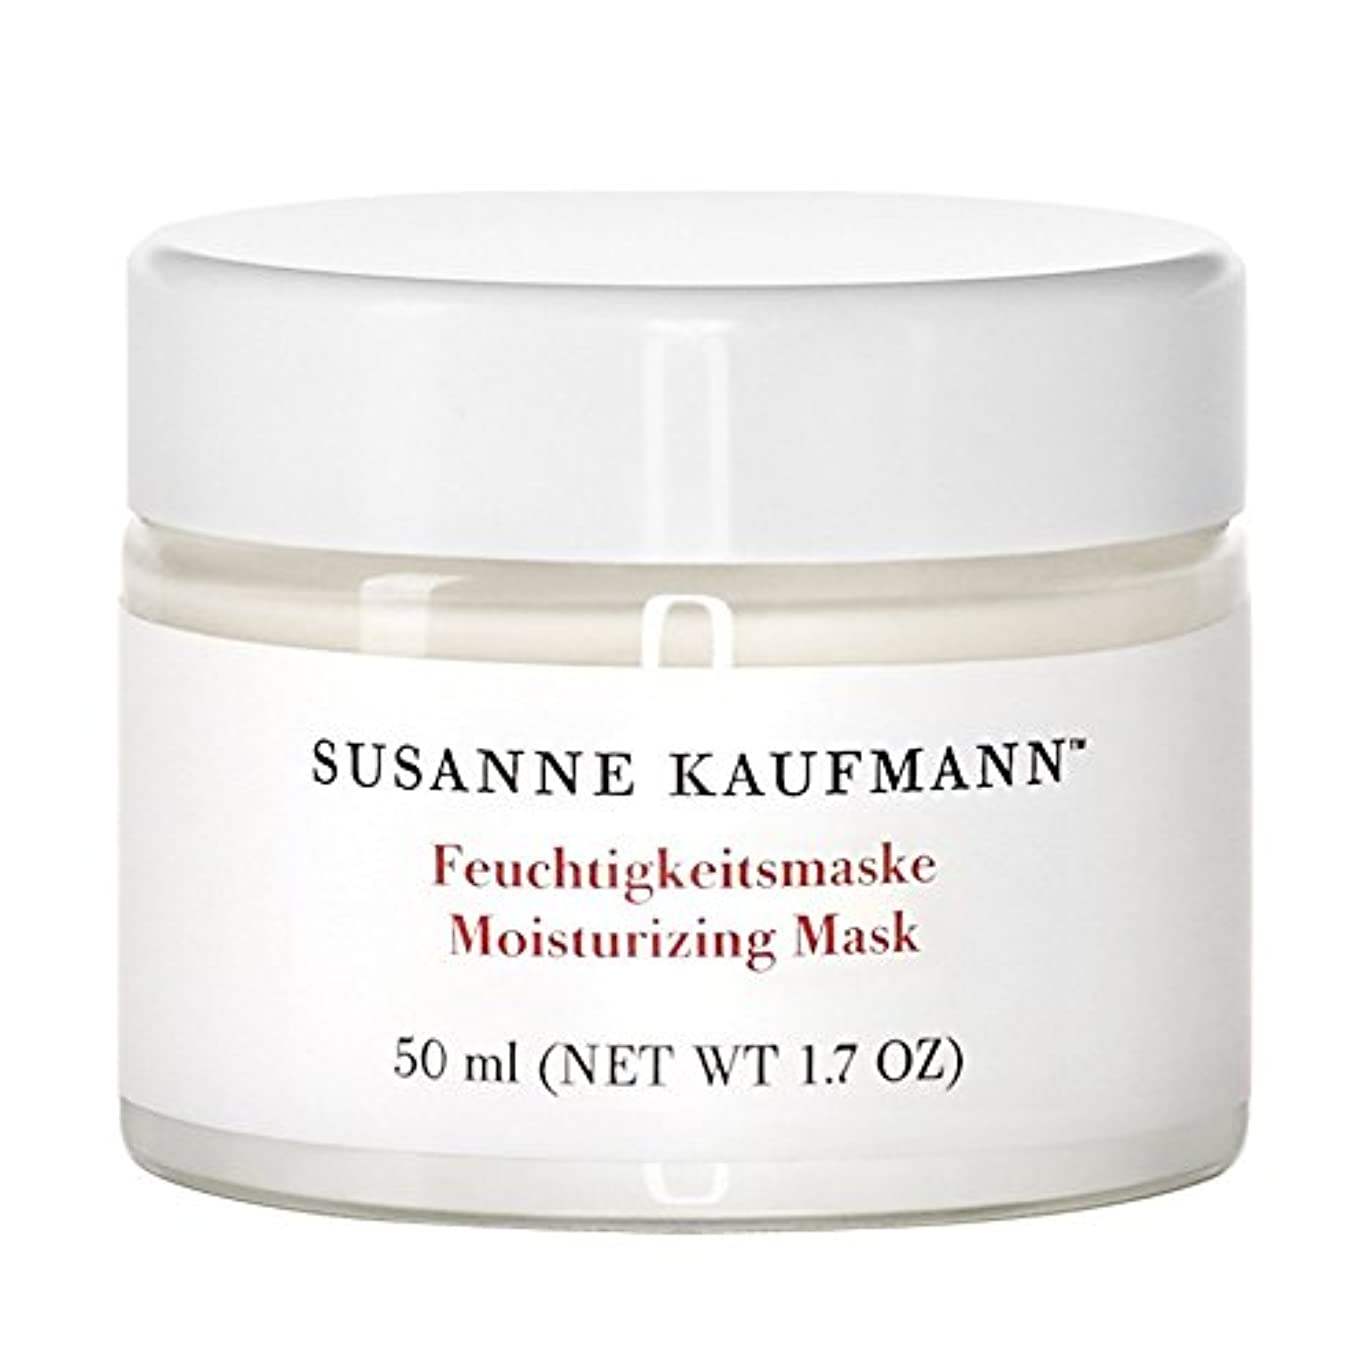 デイジー核対話スザンヌカウフマン保湿マスク50ミリリットル x4 - Susanne Kaufmann Moisturising Mask 50ml (Pack of 4) [並行輸入品]